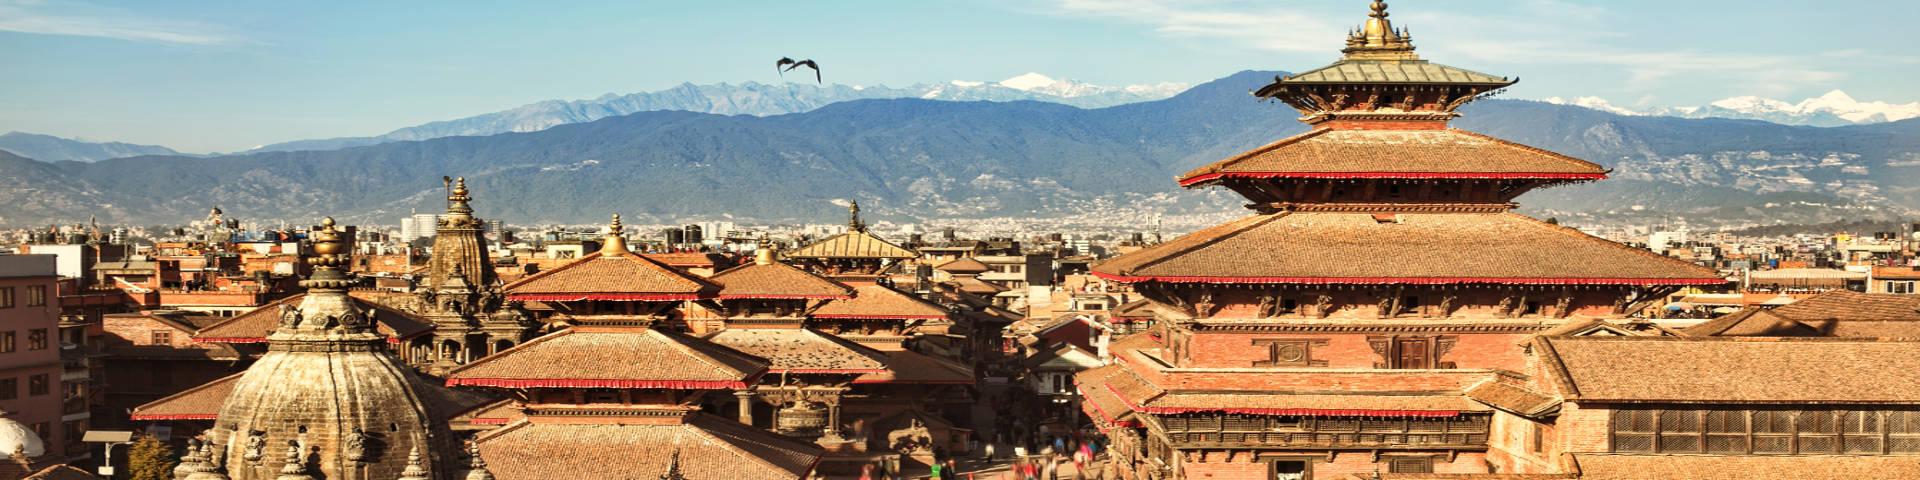 Kathmandu hero image